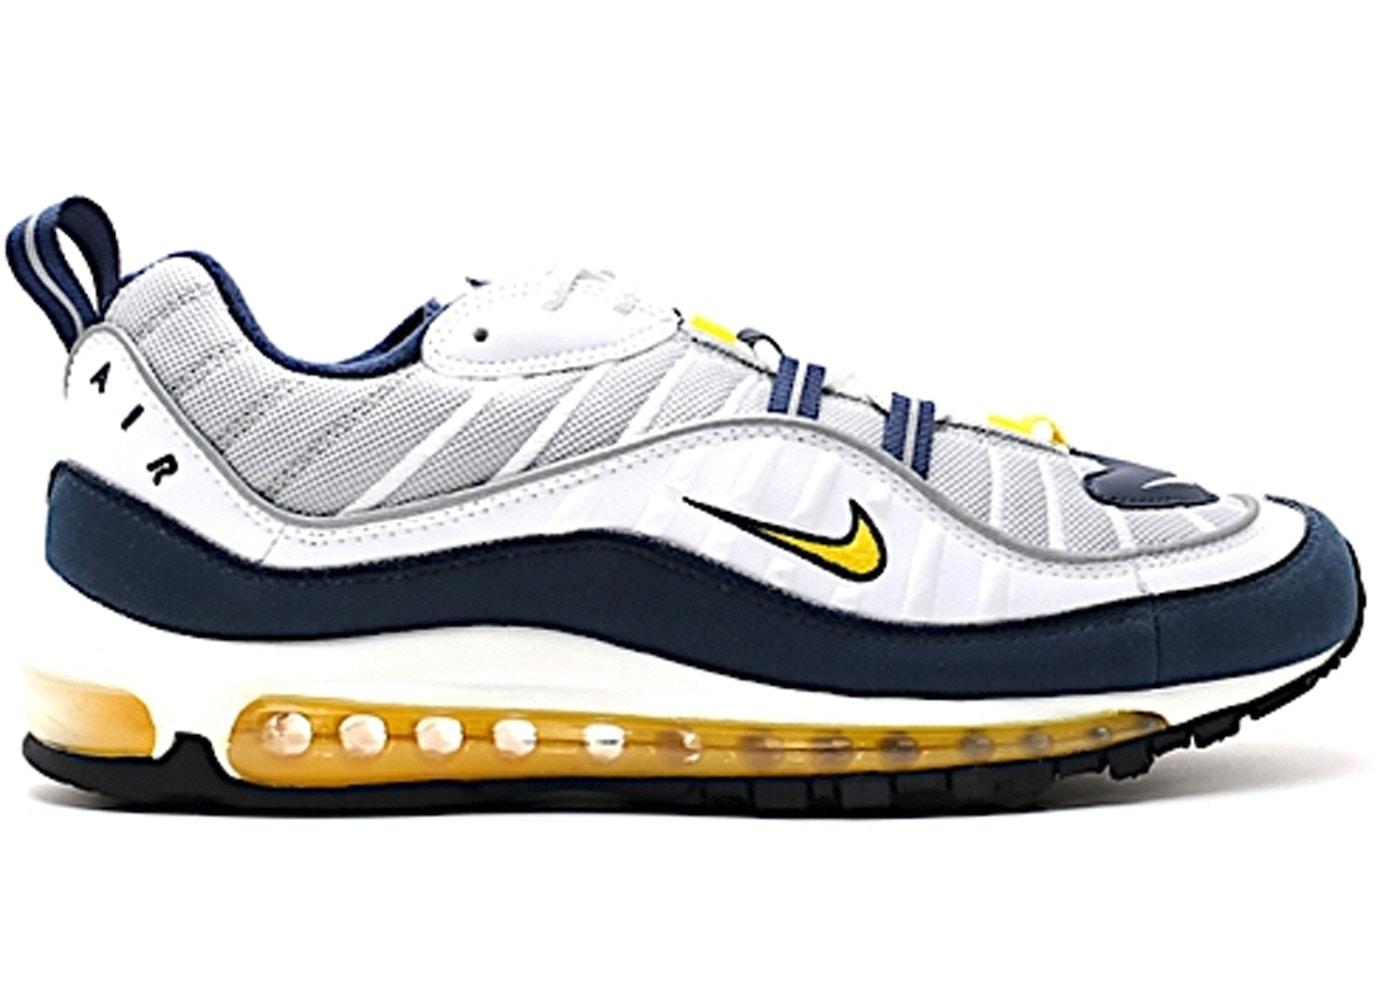 Nike Air Max 98 low